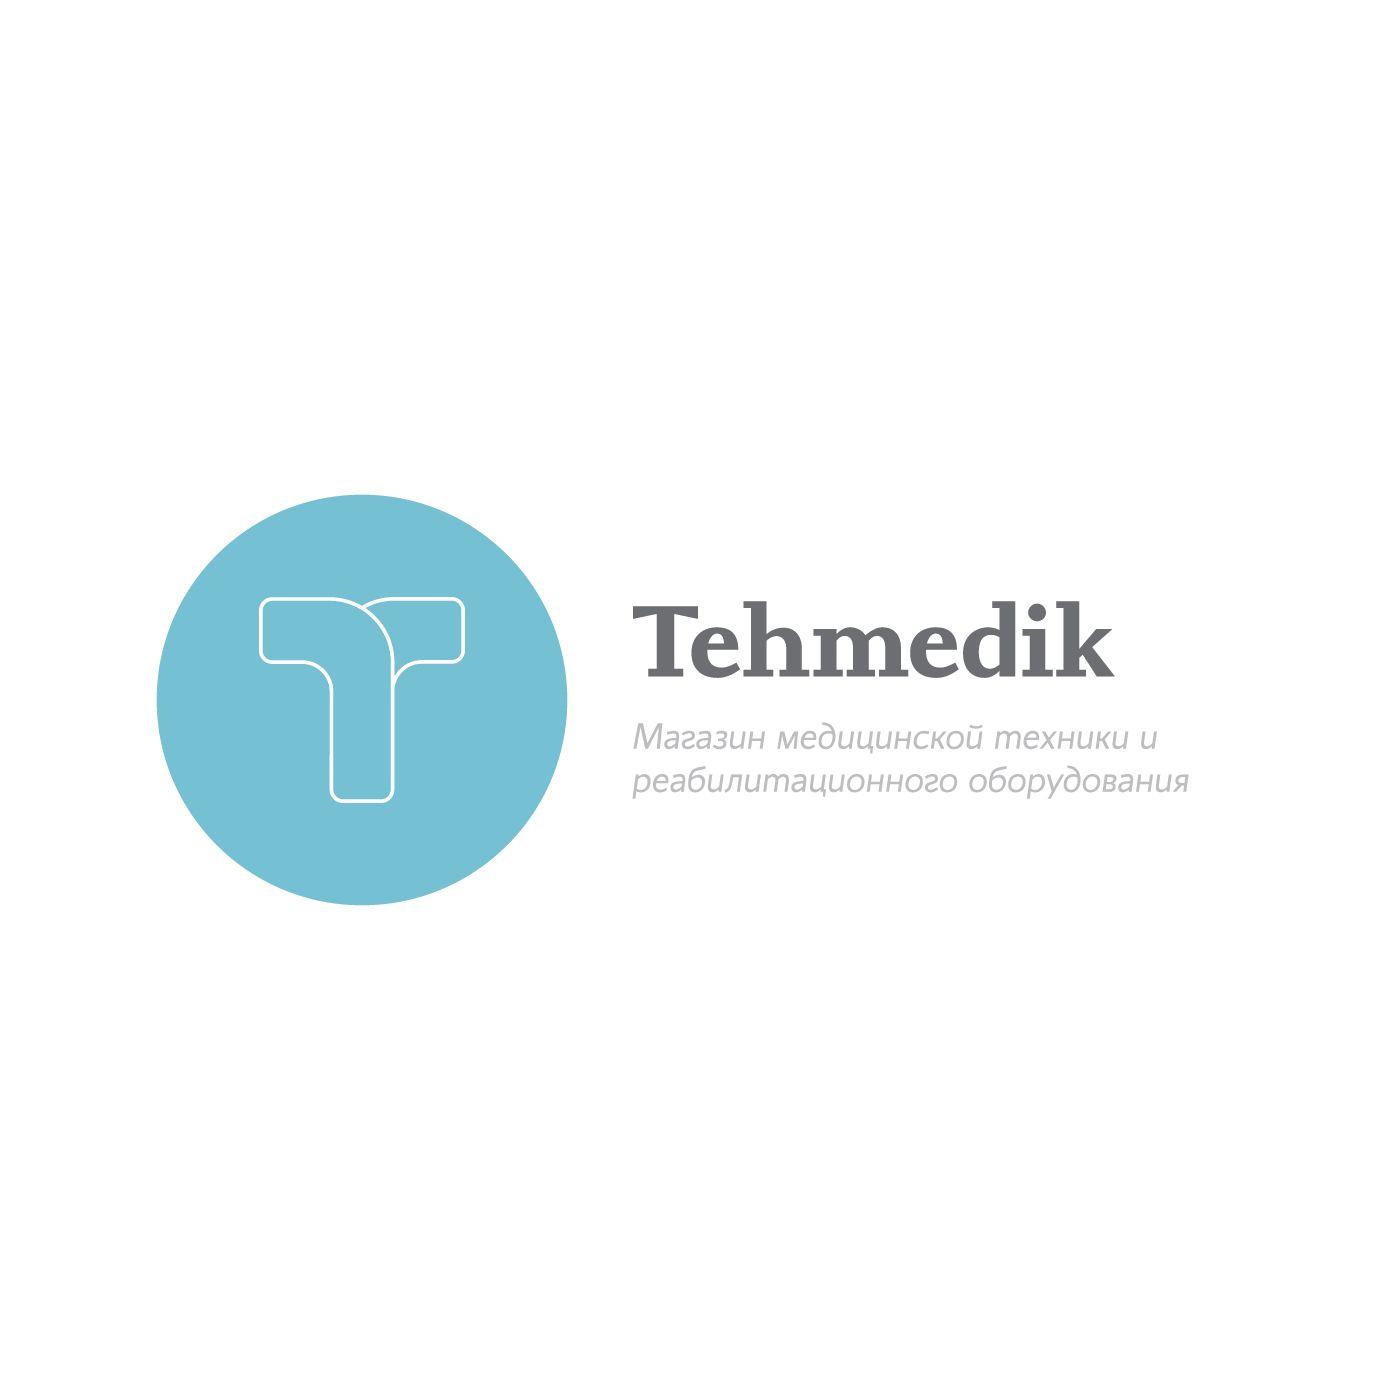 Логотип для интернет-магазина медтехники - дизайнер rikozi